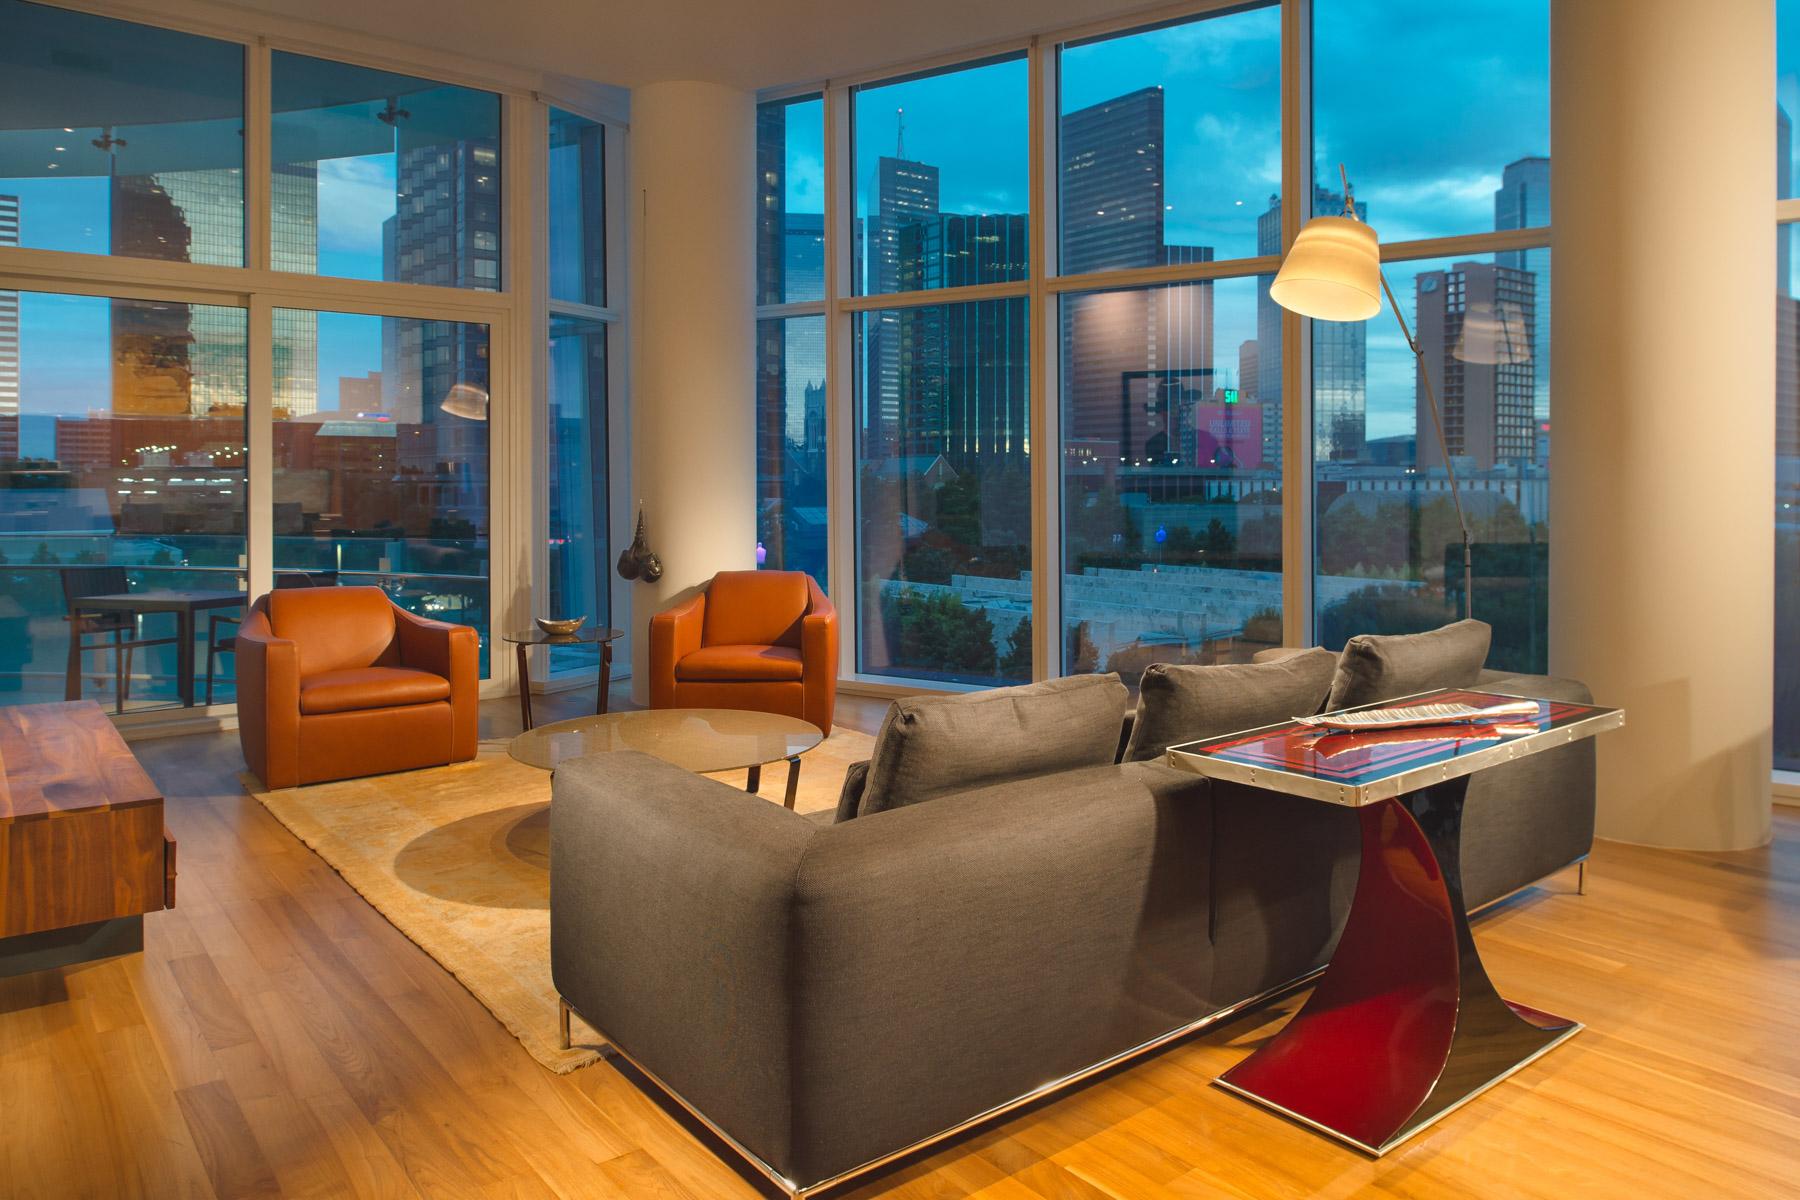 Кондоминиум для того Продажа на Museum Tower Condominium 1918 Olive Street #403, Dallas, Техас, 75201 Соединенные Штаты